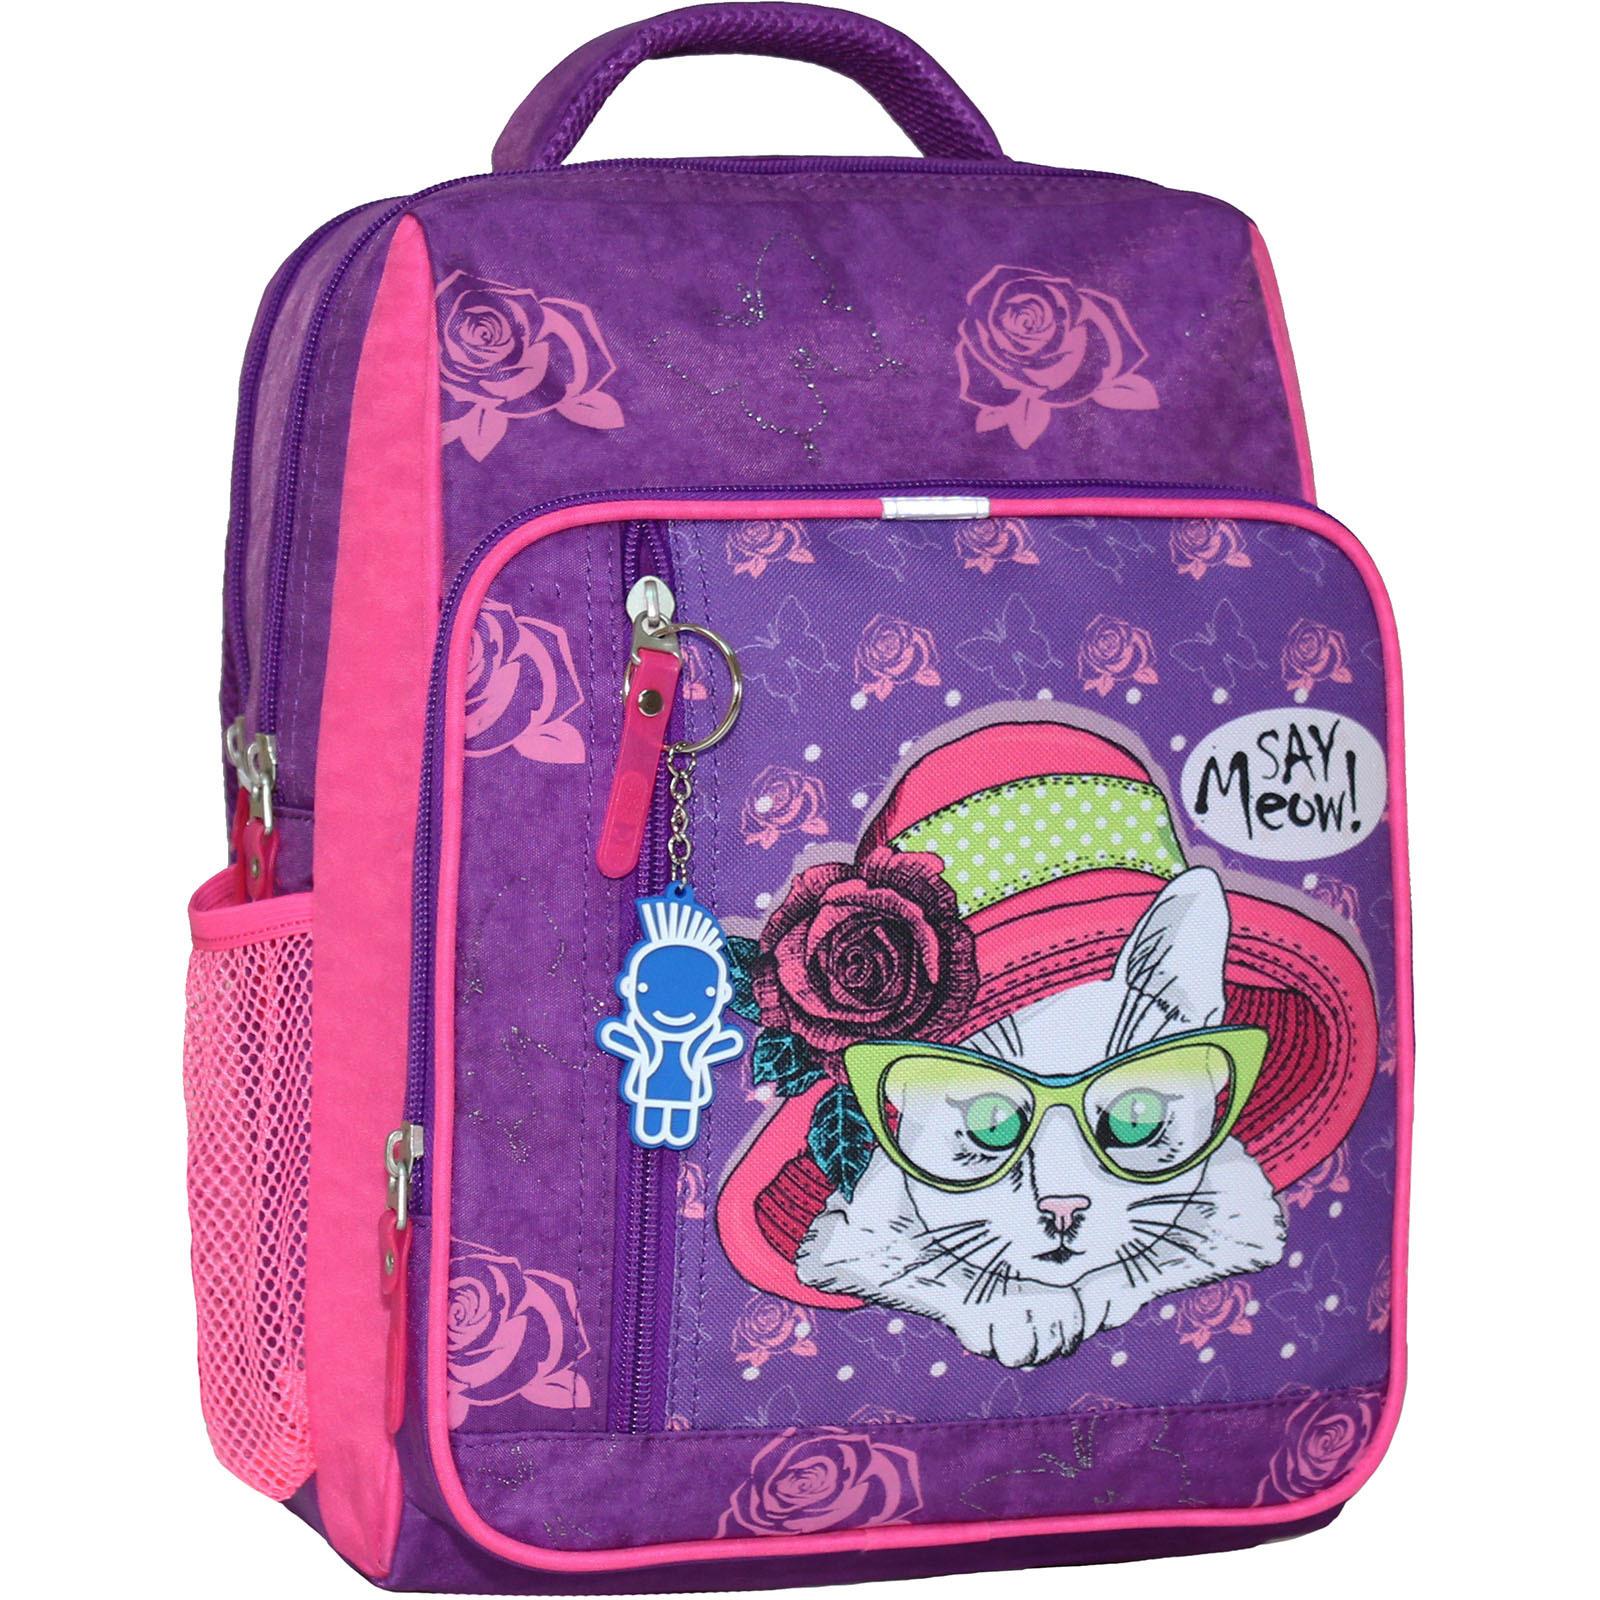 Школьные рюкзаки Рюкзак школьный Bagland Школьник 8 л. 339 фiолетовий 168к (00112702) IMG_5227_артикул_168К_.JPG